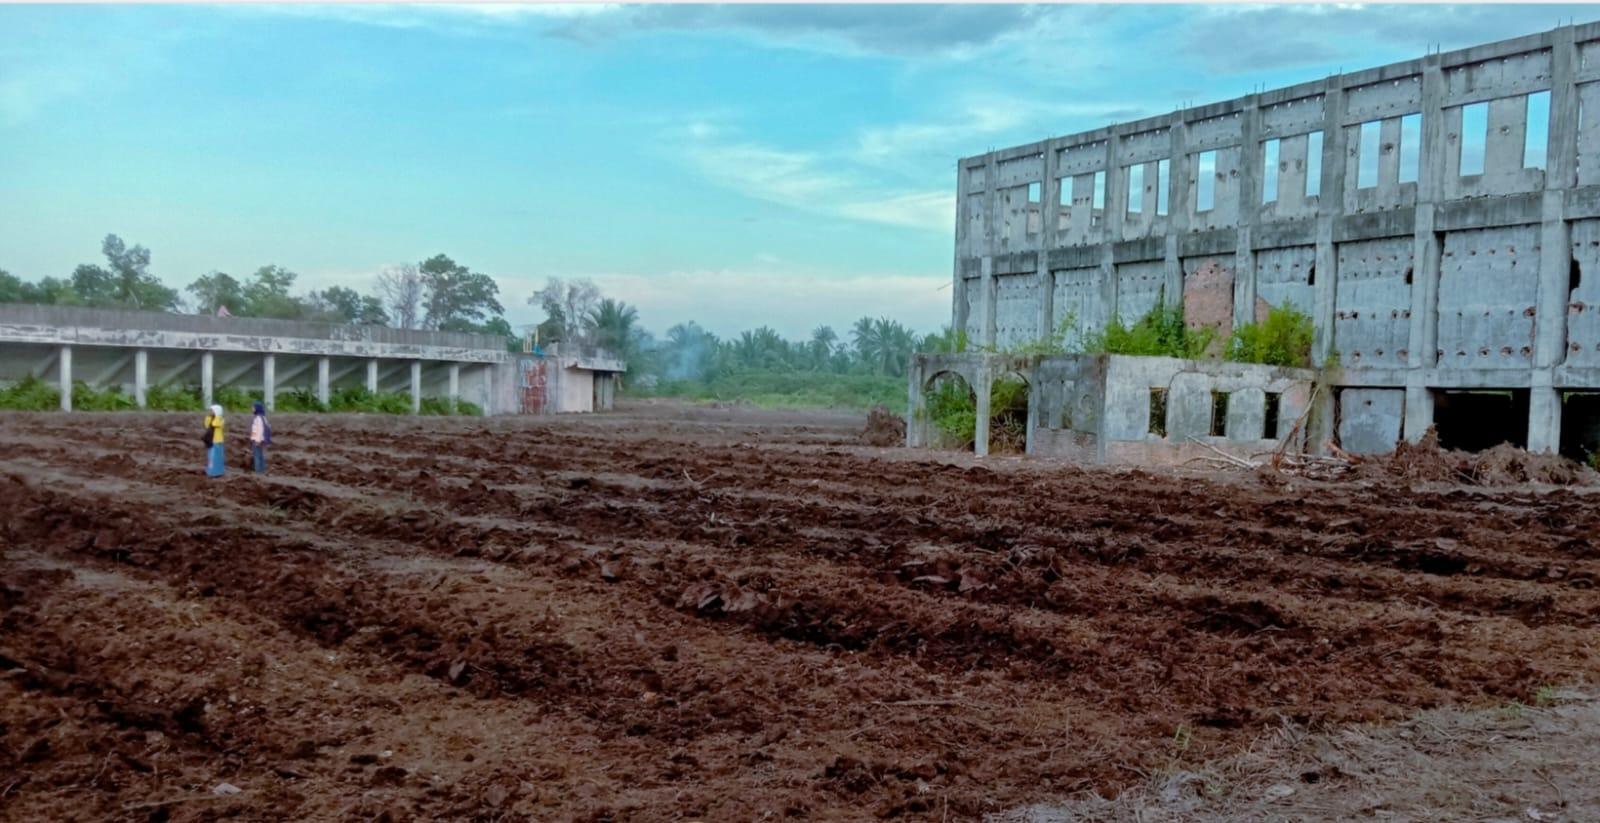 Sulap Halaman Stadion Termegah Meranti Jadi Lahan Pertanian